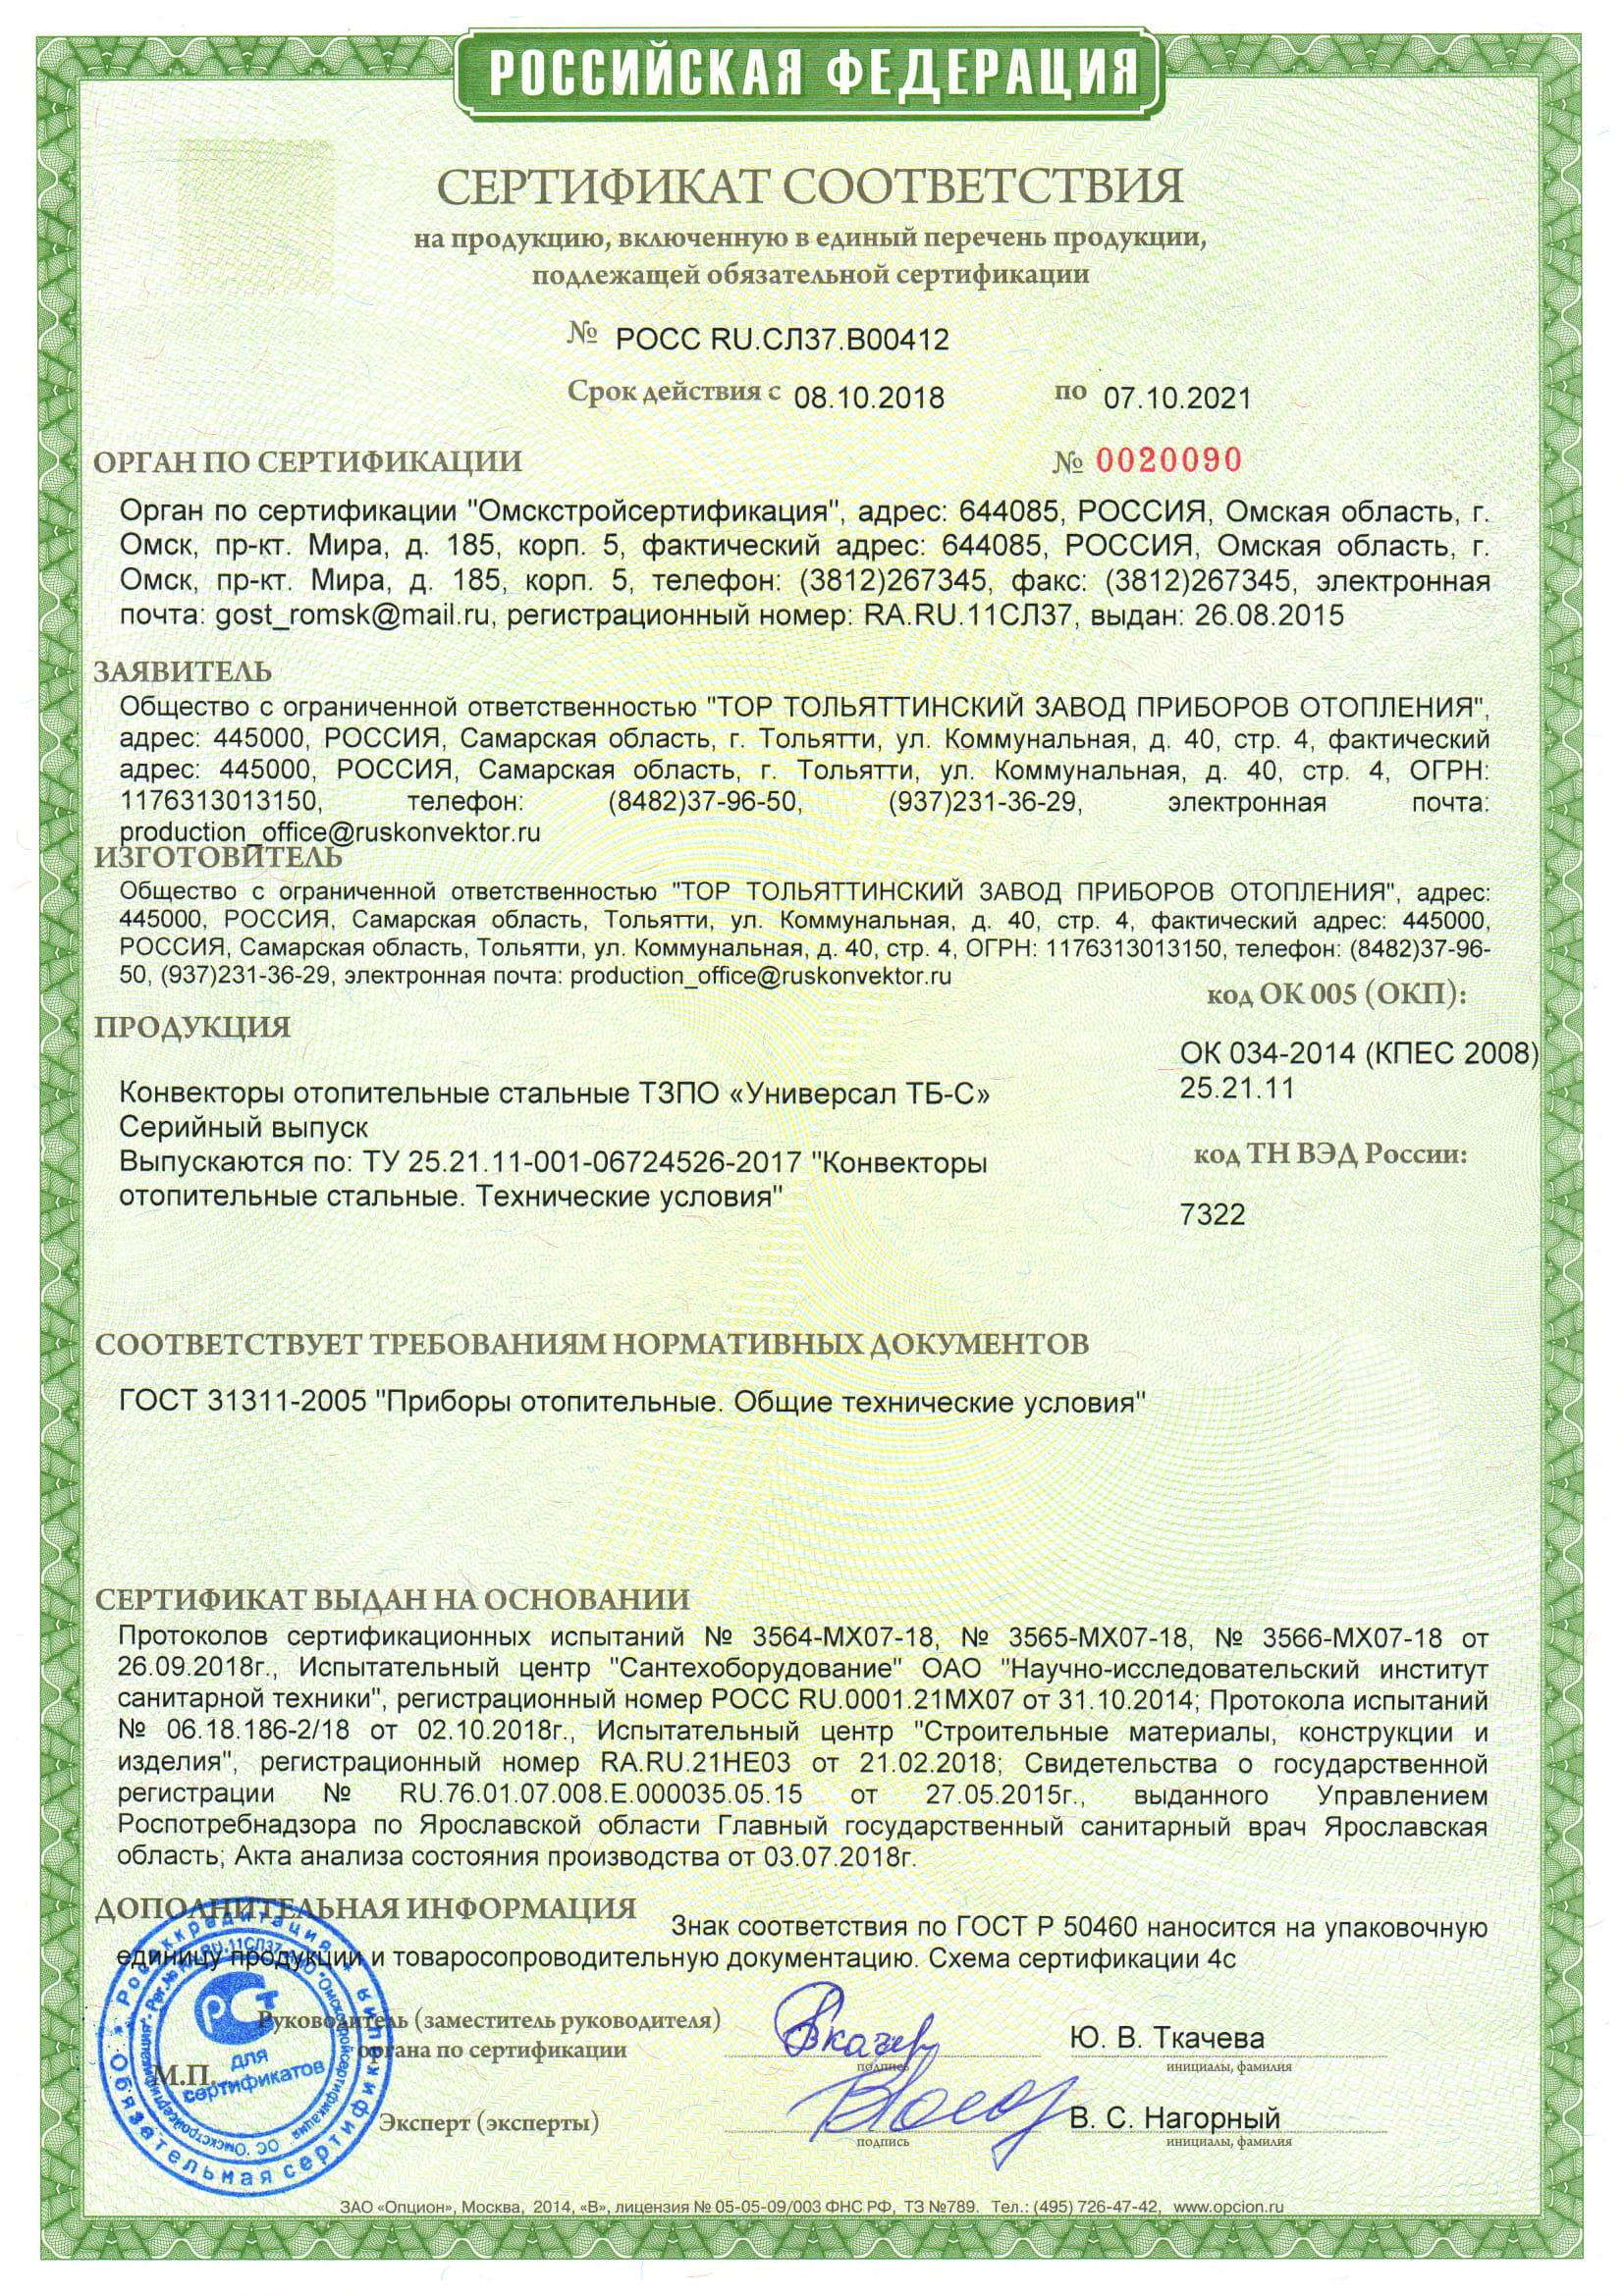 Конвекторы отопительные стальные ТЗПО Универсал ТБ-С